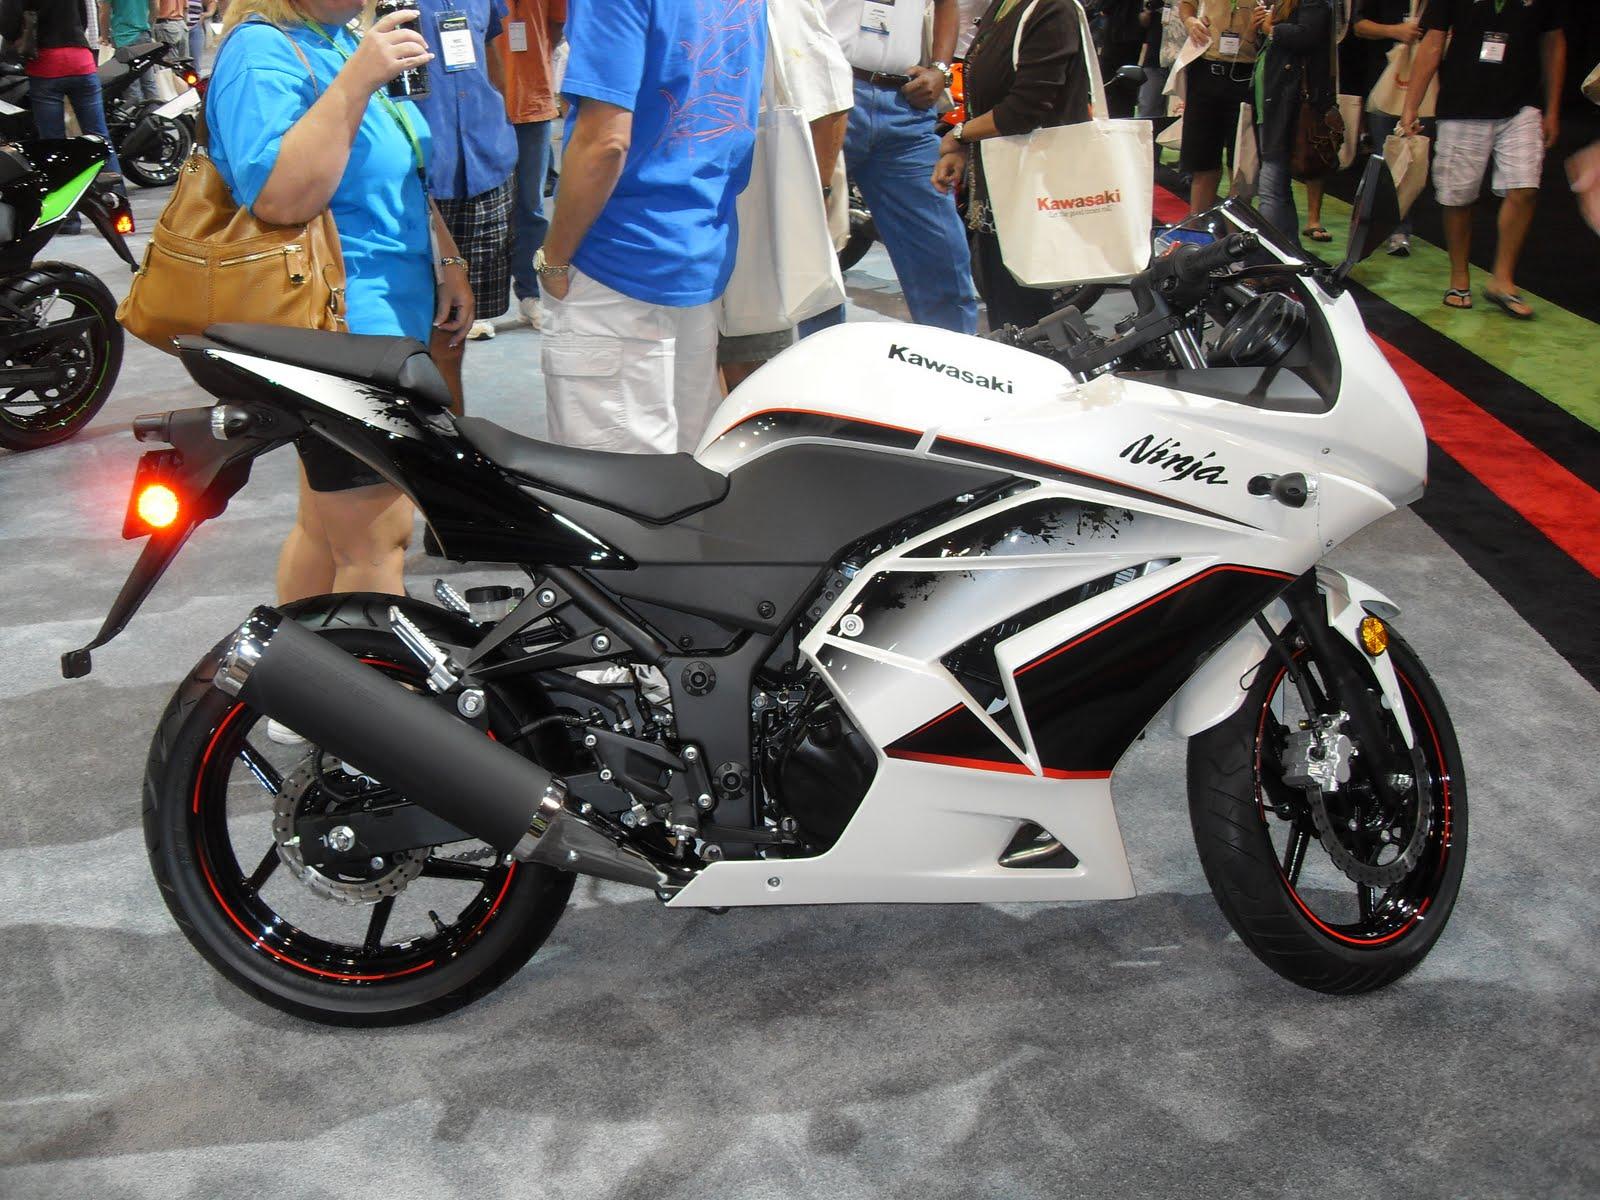 Centro Mondial Kawasaki: FOTOS EXCLUSIVAS KAWASAKI ZX 10R 2011